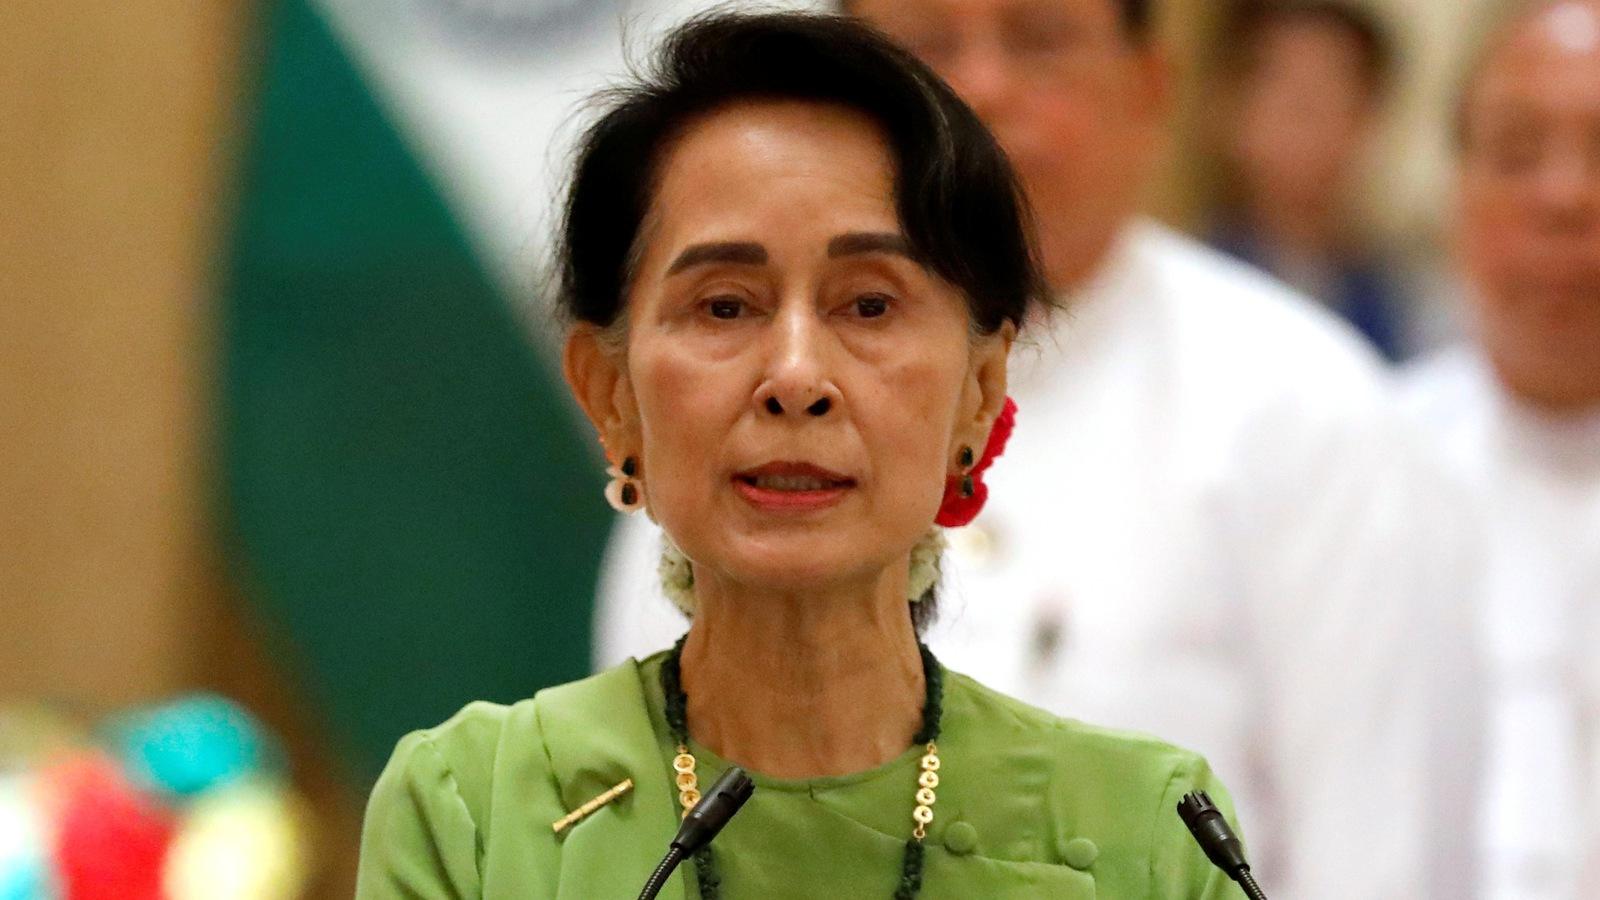 Aung San Suu Kyi lors d'une conférence de presse, plus tôt cette semaine.